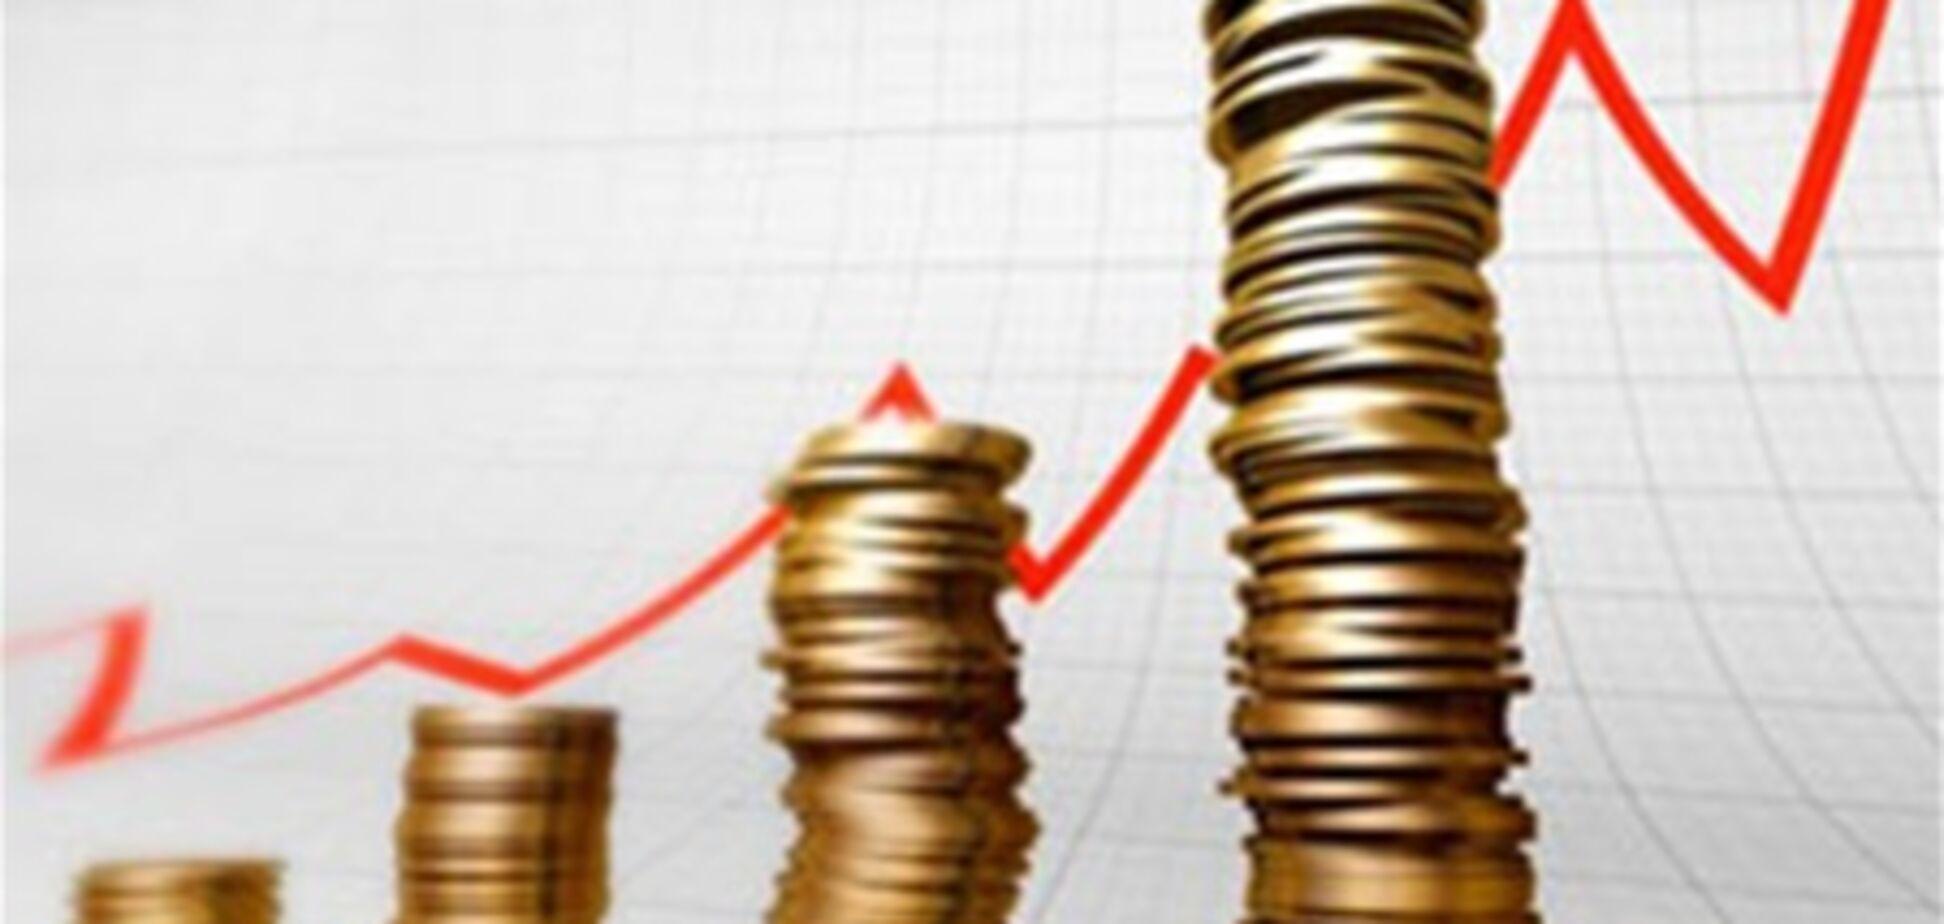 В 2011 в Украине была установлена рекордно низкая инфляция